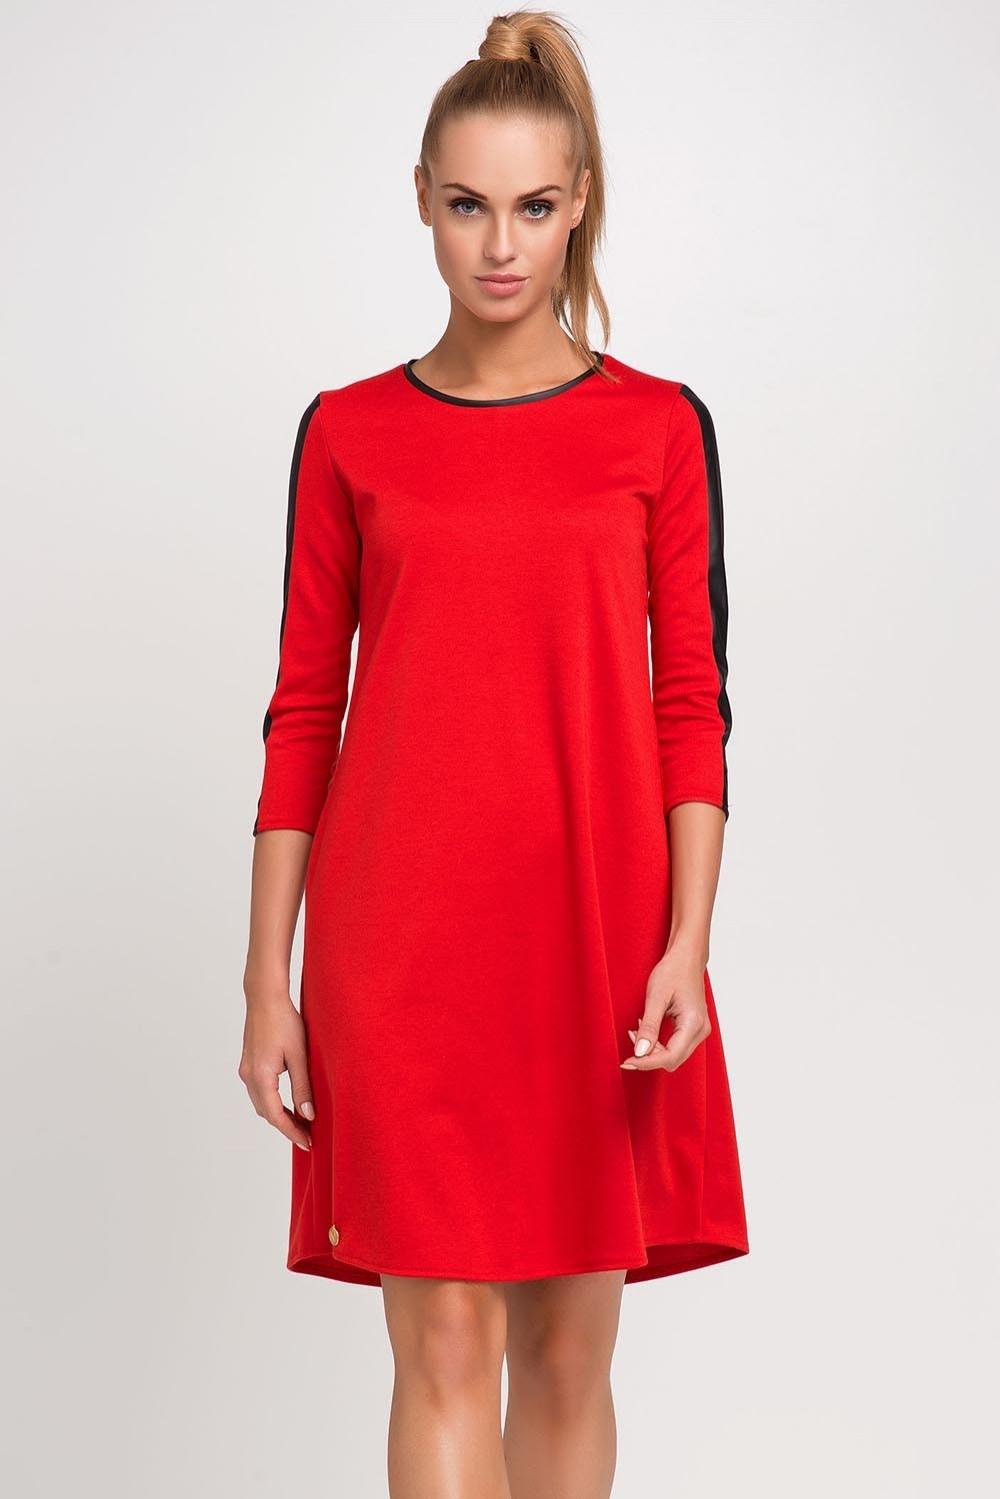 98a6a0ad1c Czerwona sukienka marki Makadamia r.46 - 7056908866 - oficjalne archiwum  allegro